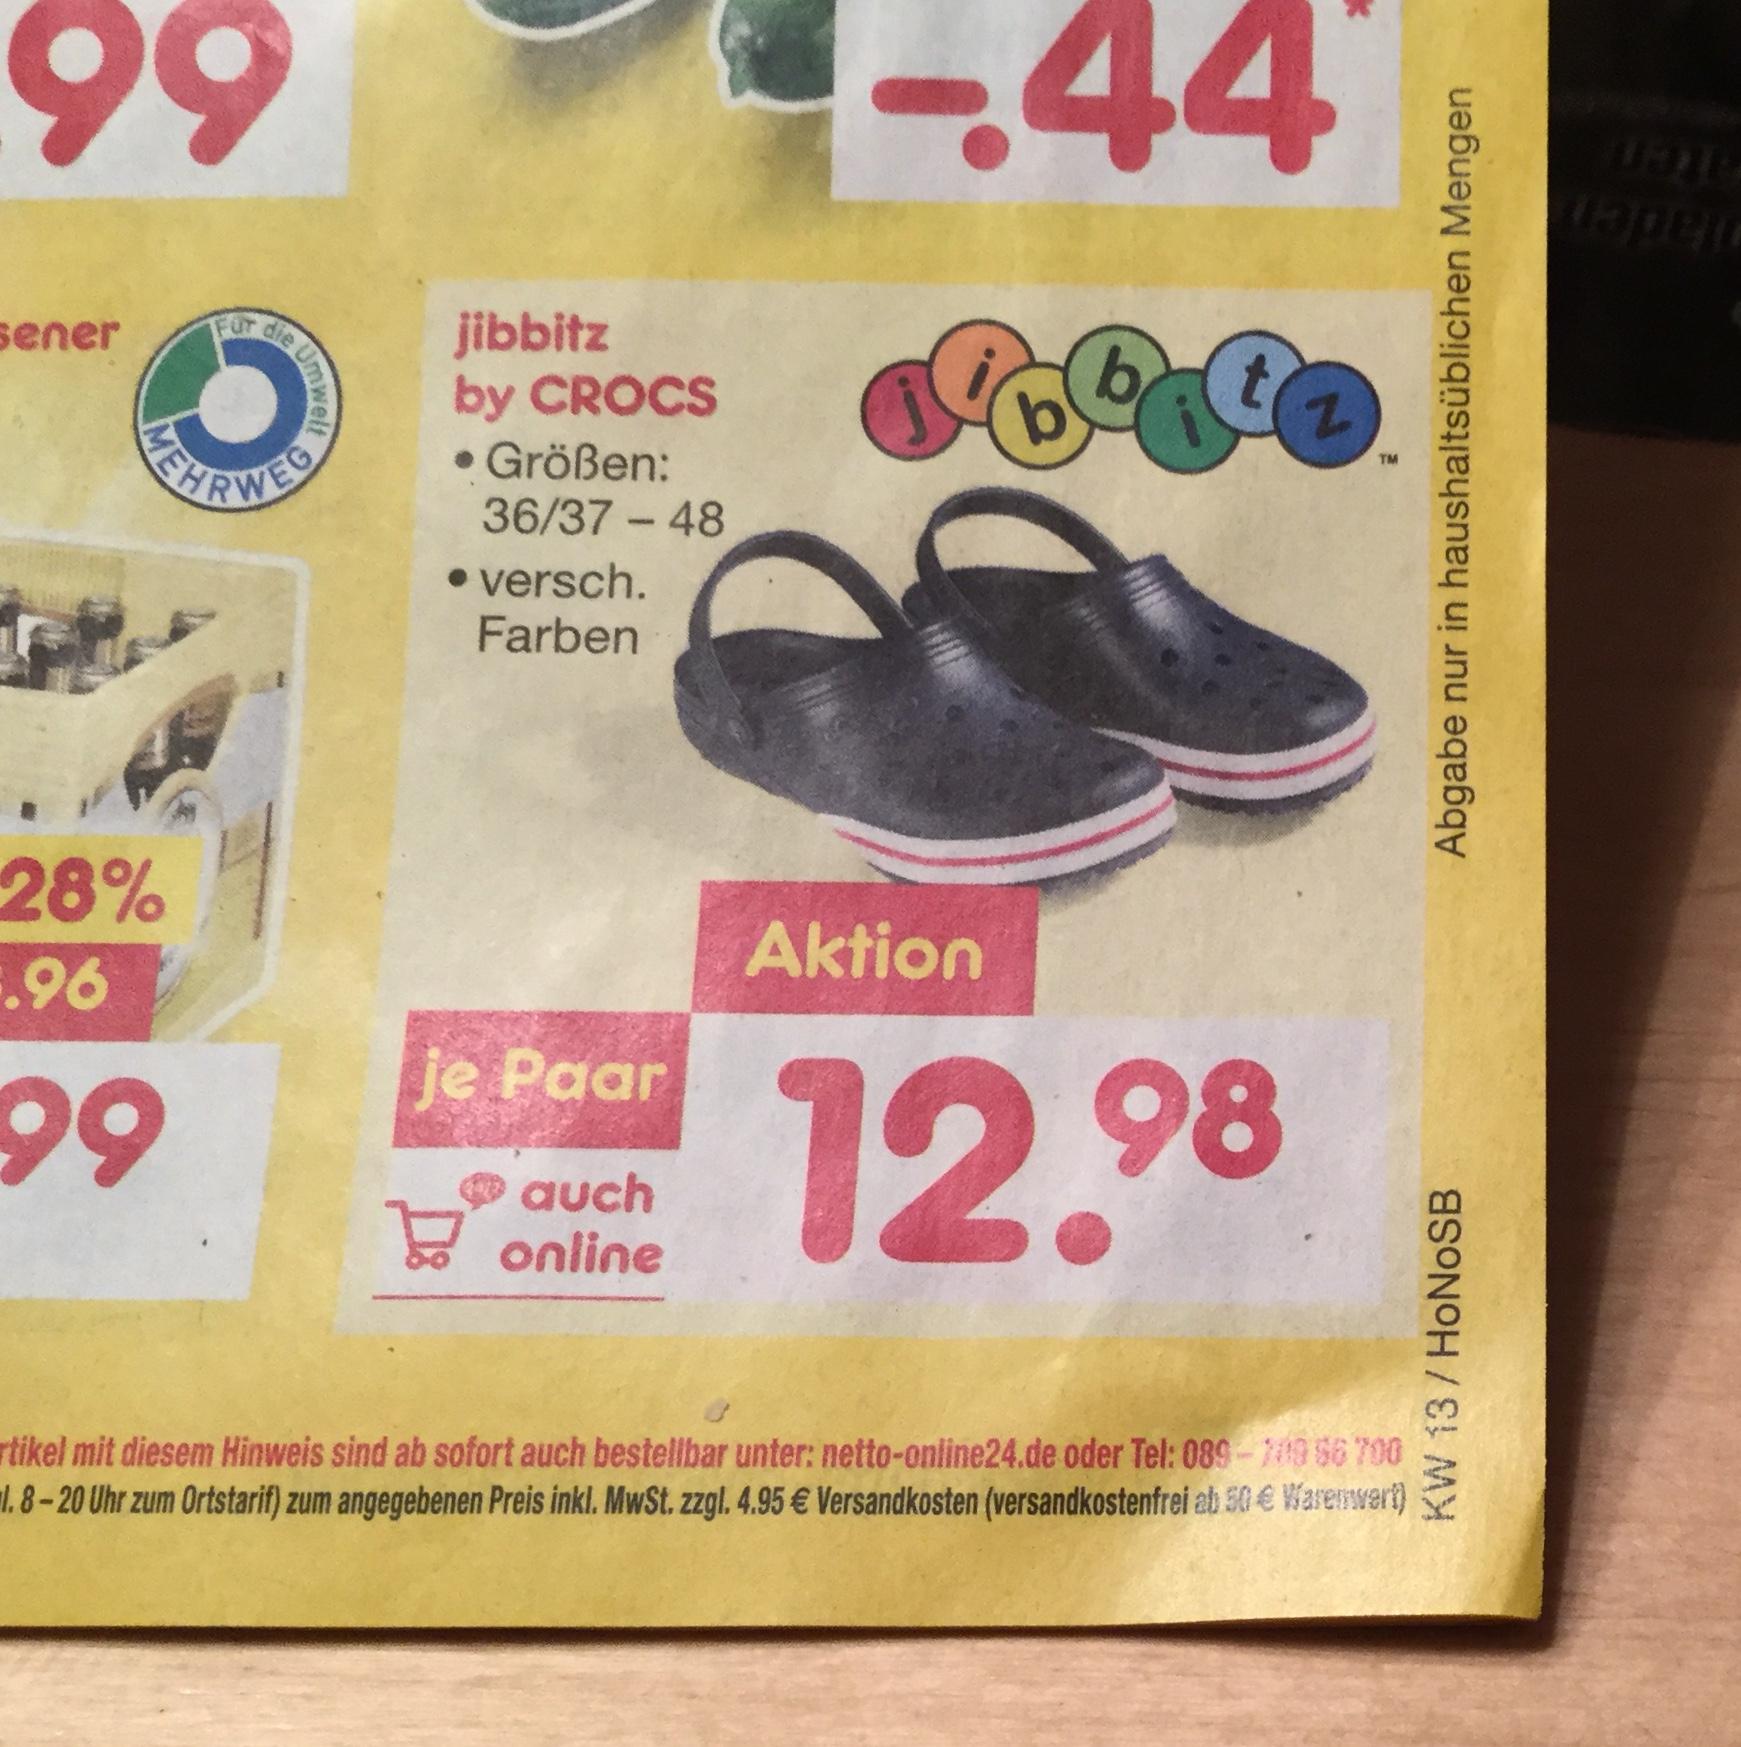 [ Netto MD ] Crocs Größe 36-48 versch. farben ab 26.03 auch online